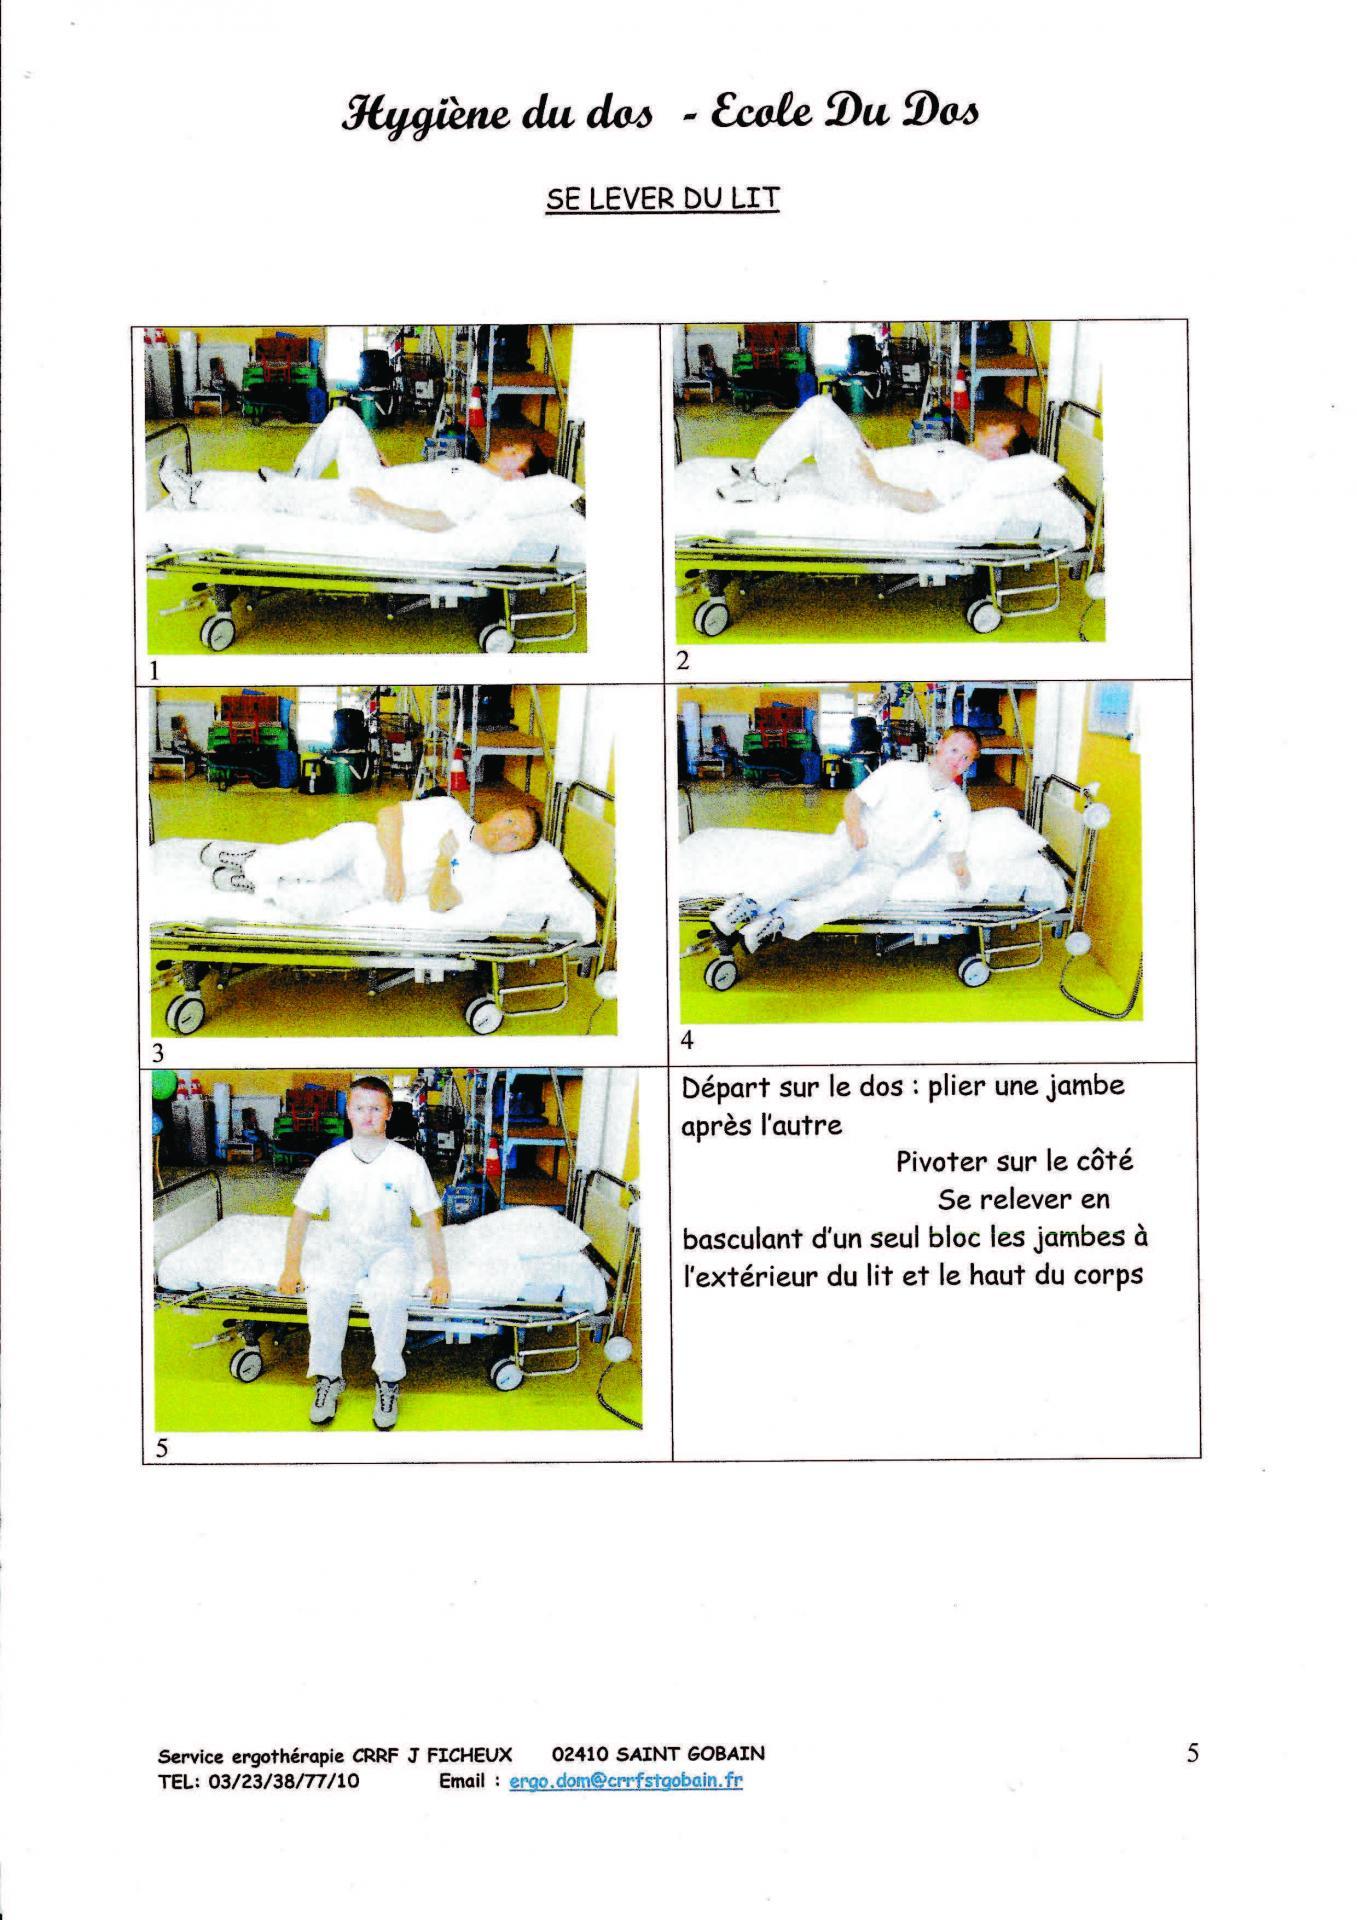 Ecole du dos pdfbis page 05